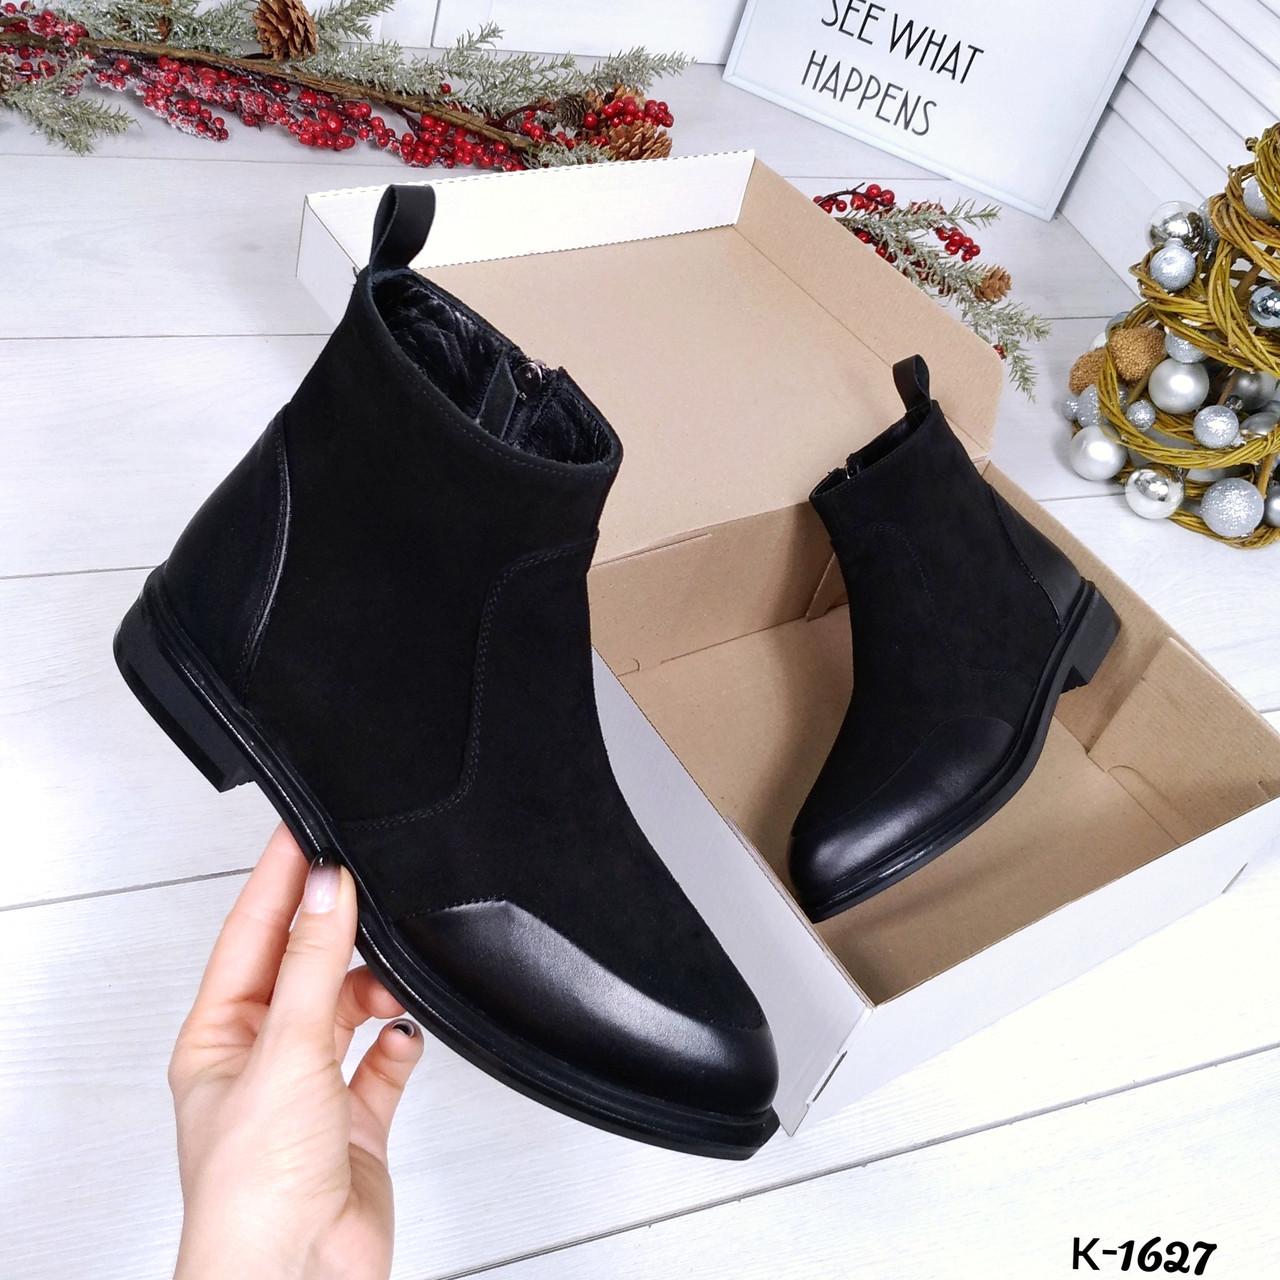 Женские зимние ботинки в черном цвете из натуральной замши/кожи 36 38 ПОСЛЕДНИЕ РАЗМЕРЫ